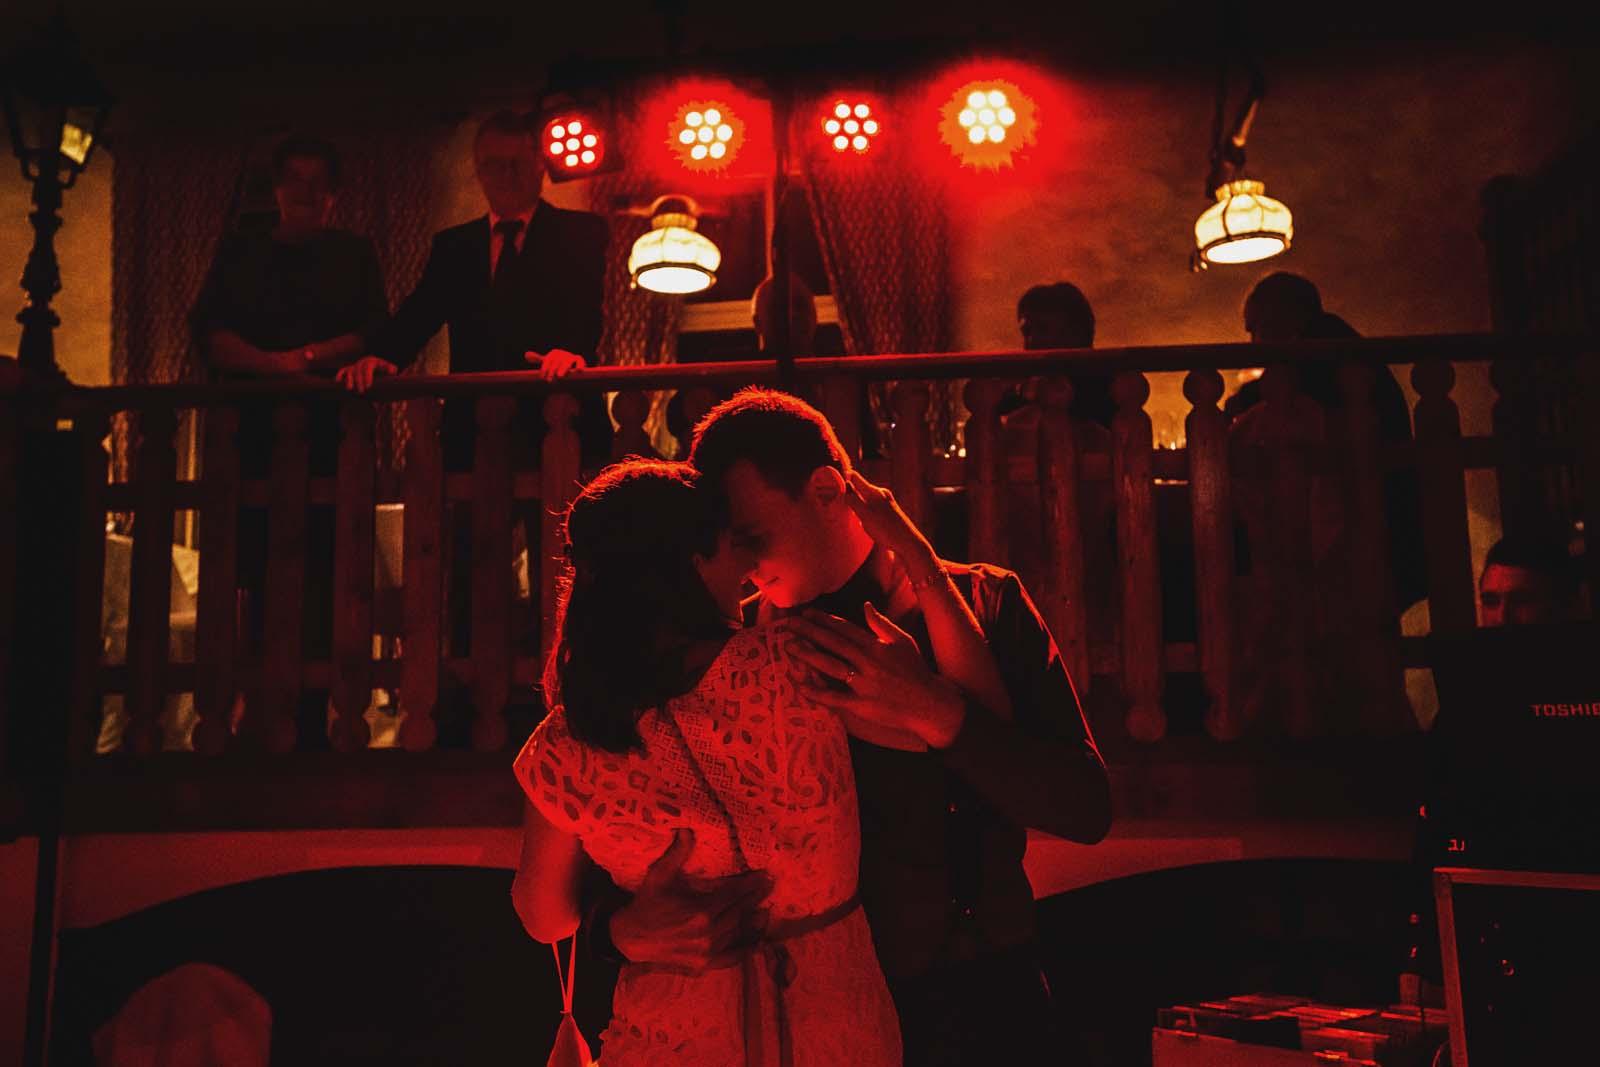 Hochzeitsfotograf Spreewald Rotes Licht beim ersten Tanz Copyright by Hochzeitsfotograf www.berliner-hochzeitsfotografie.de